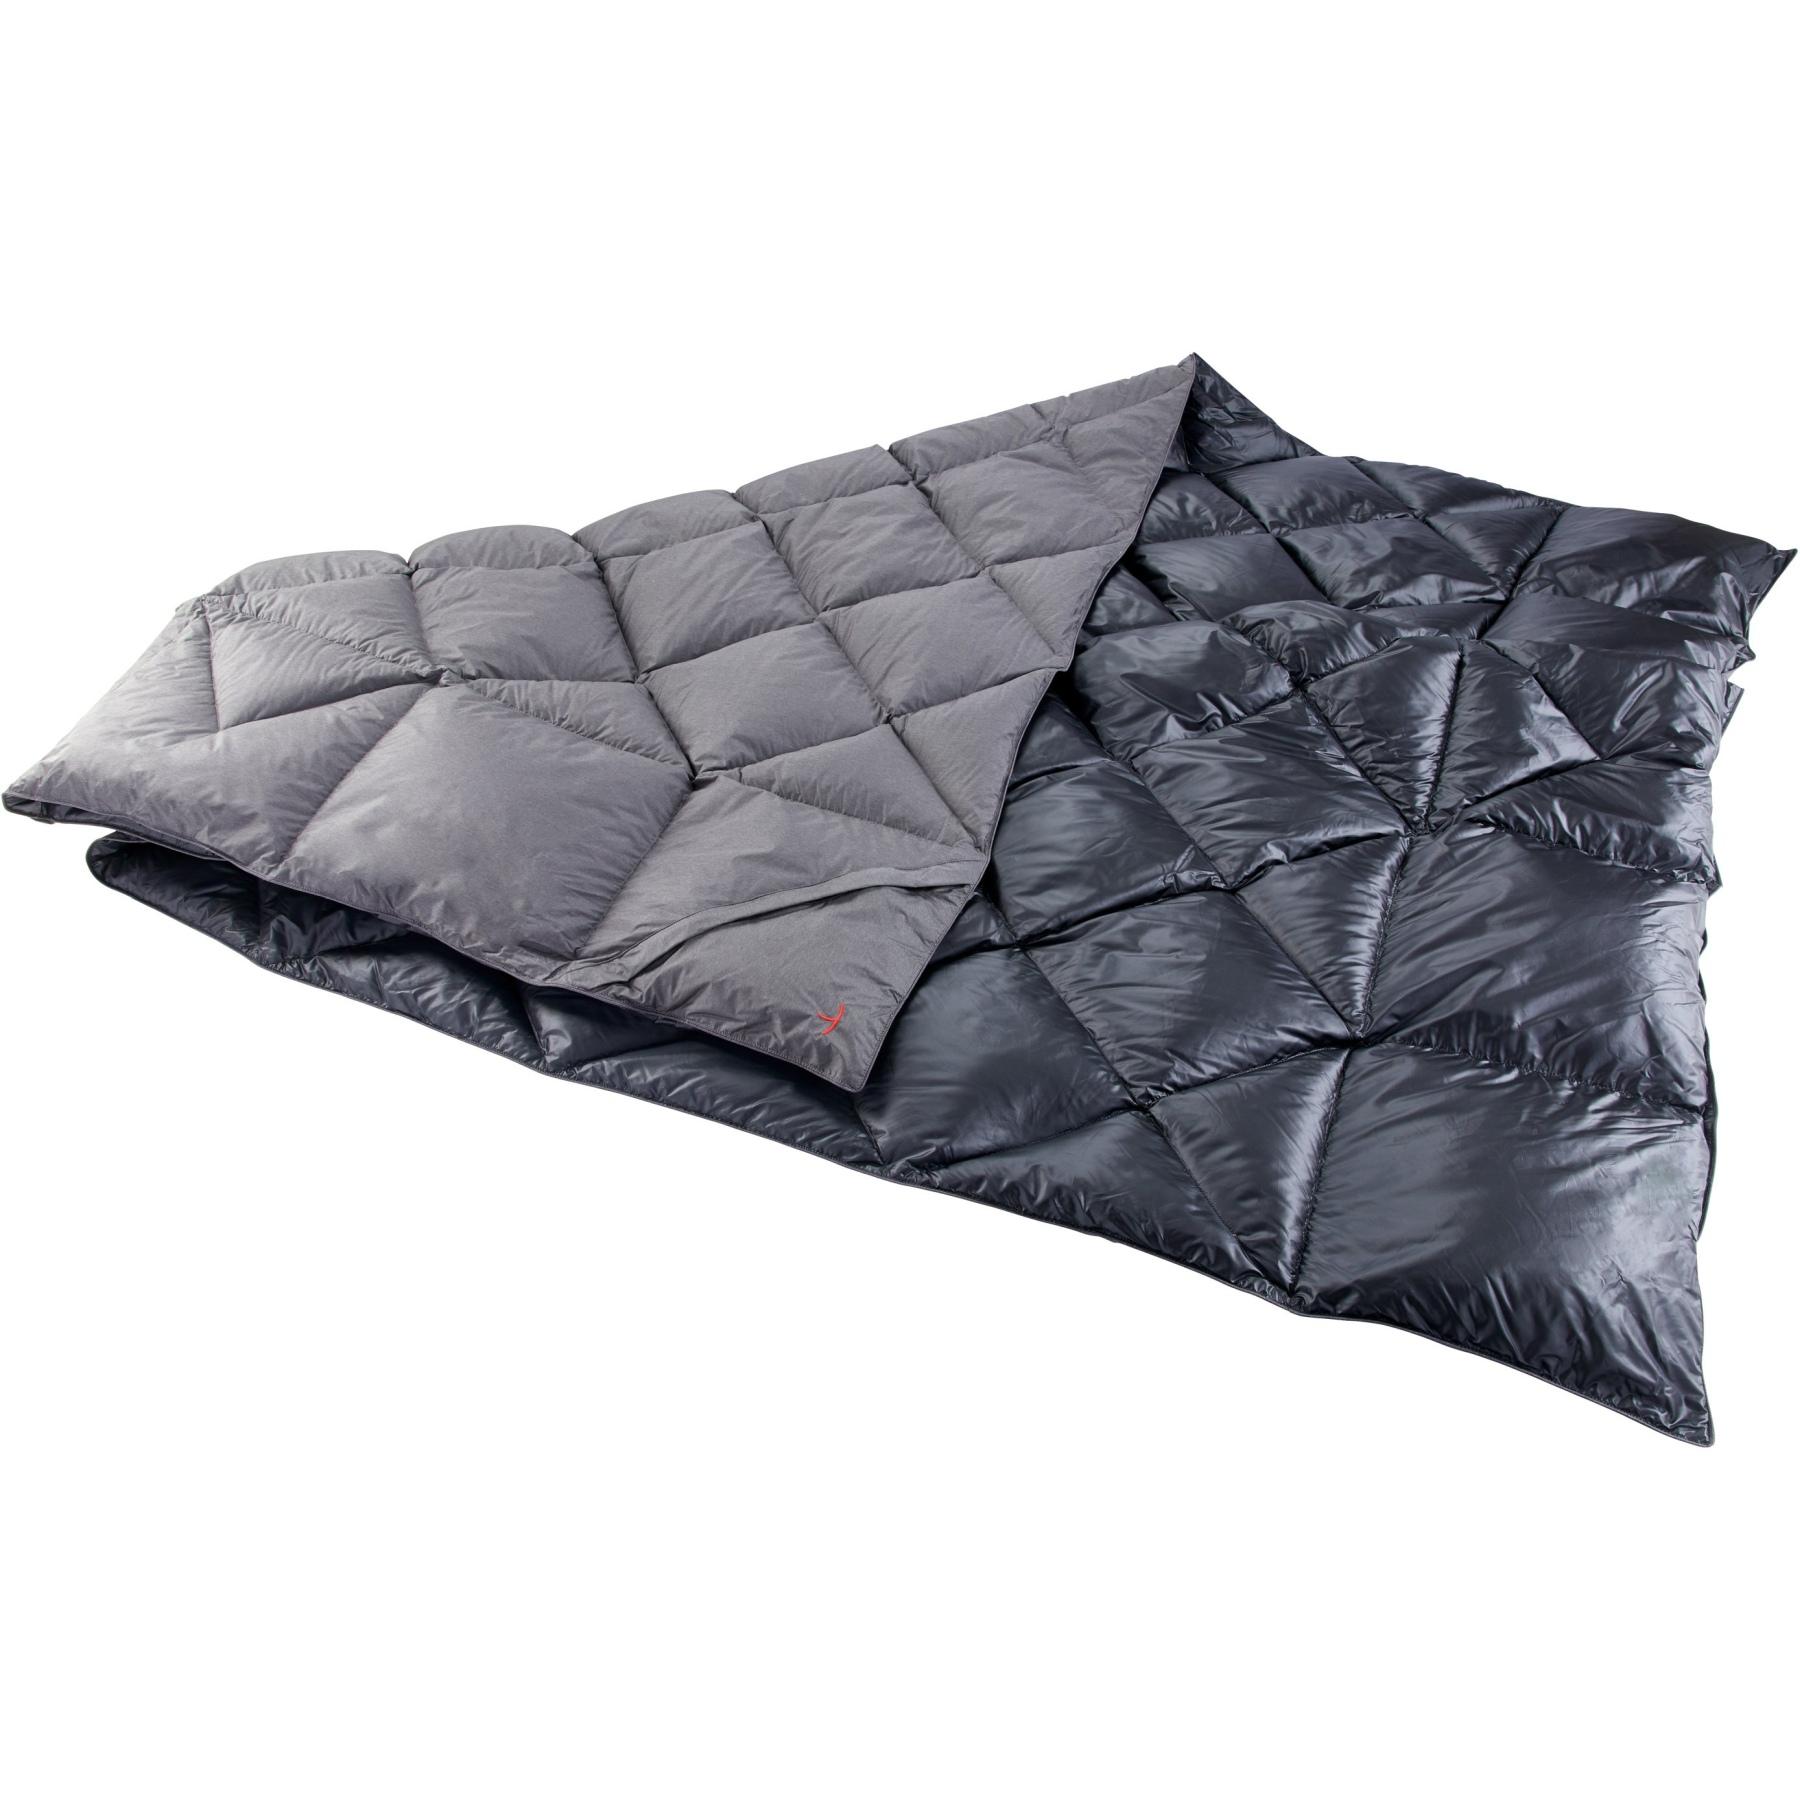 Y by Nordisk Kiby Packbare, daunengefüllte Reisedecke - coal grey/black